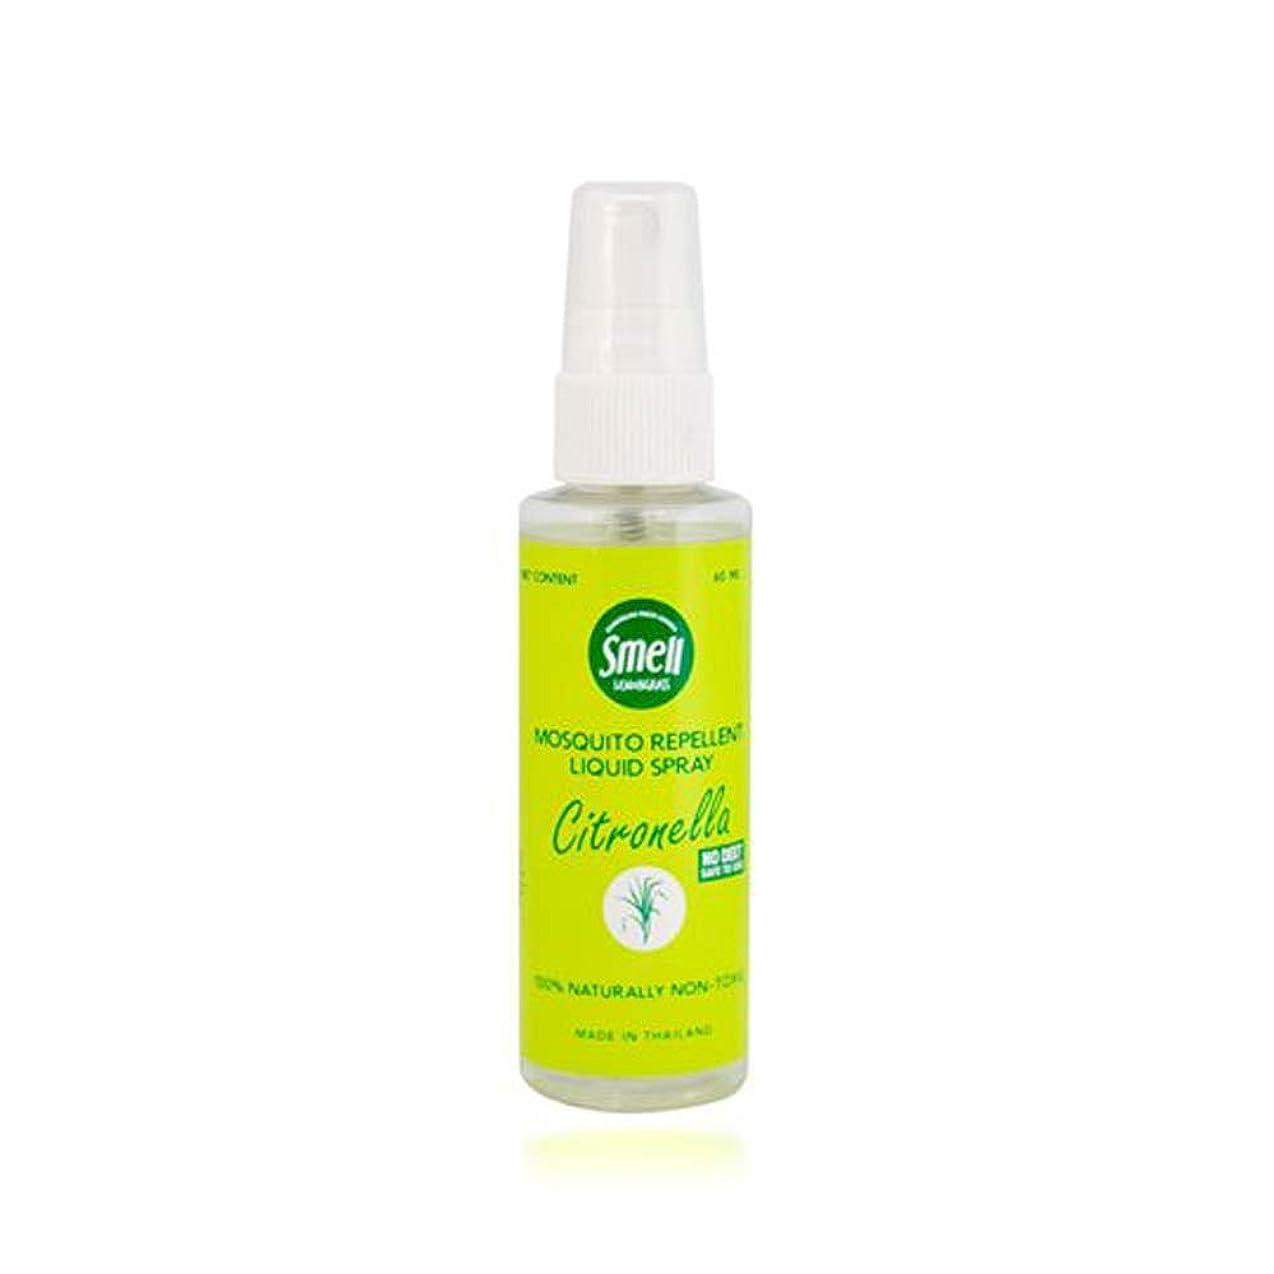 湿原熱意異邦人(スメル レモングラス)Smell Lemongrass 100%ナチュラル 蚊よけ 虫除け アロマスプレー cooling効果有 (60ml)